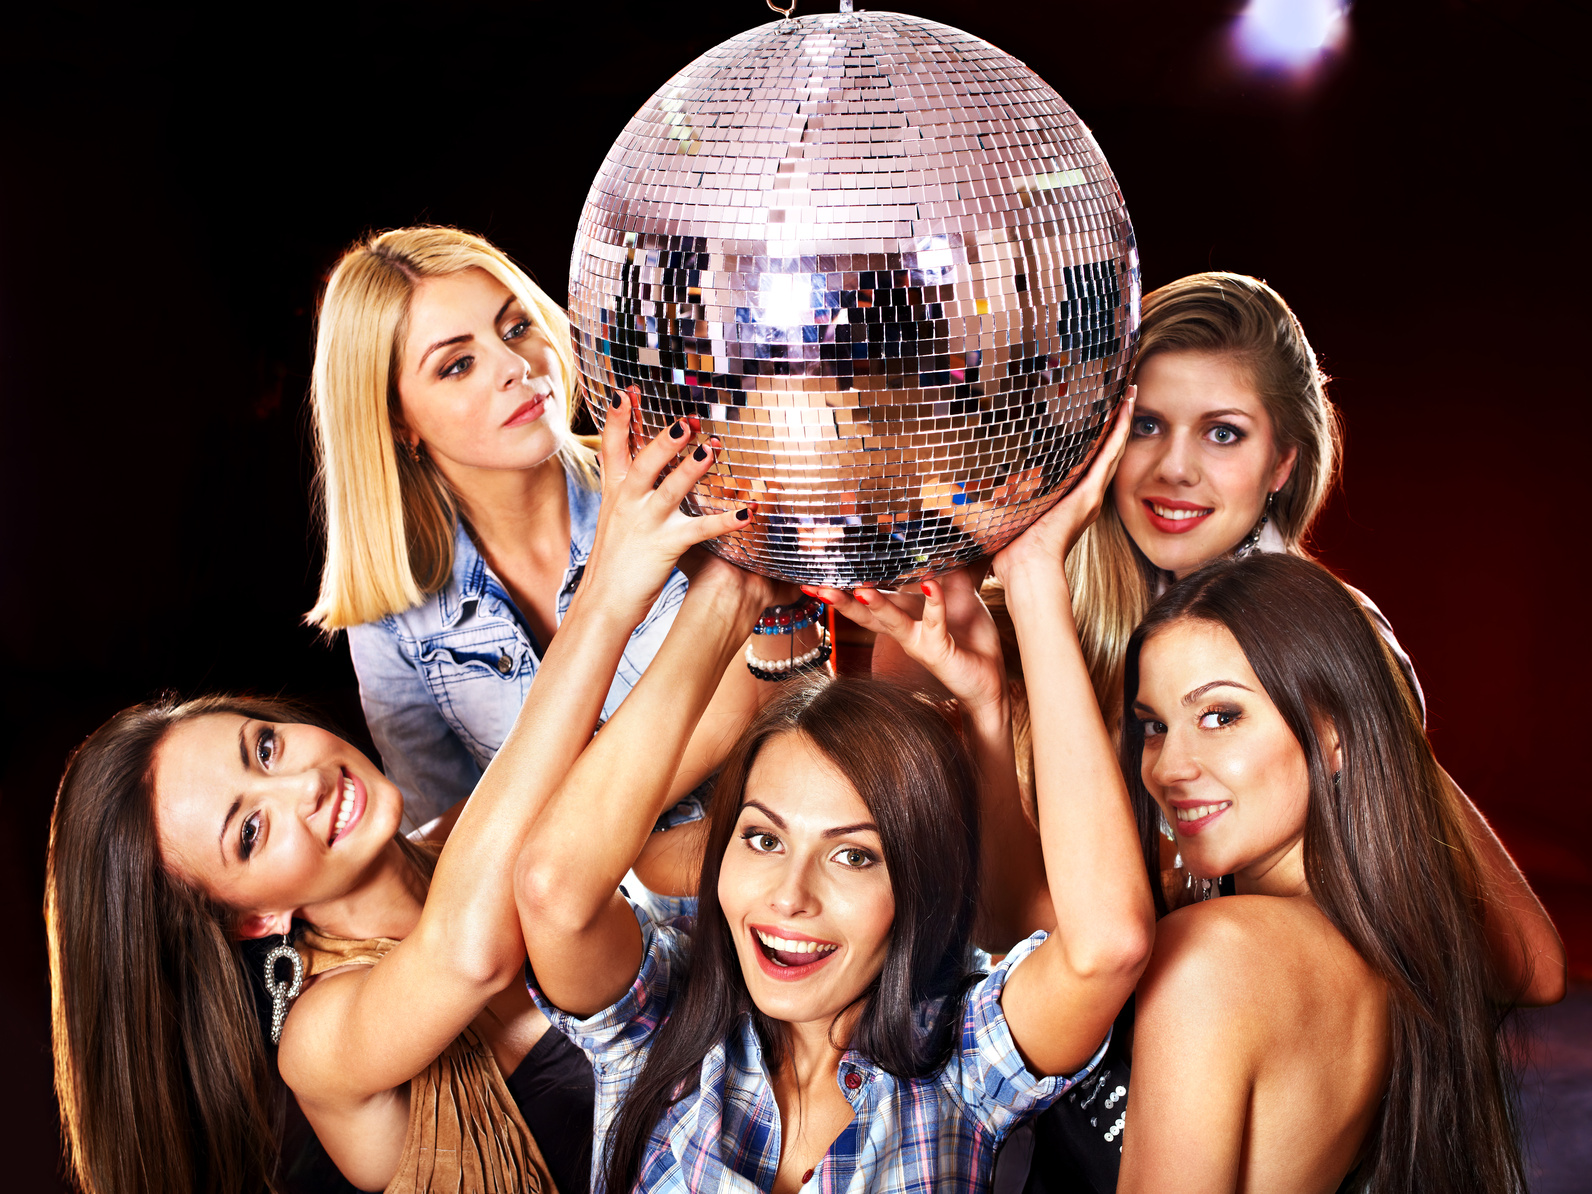 Фото жен на дискотеке 4 фотография